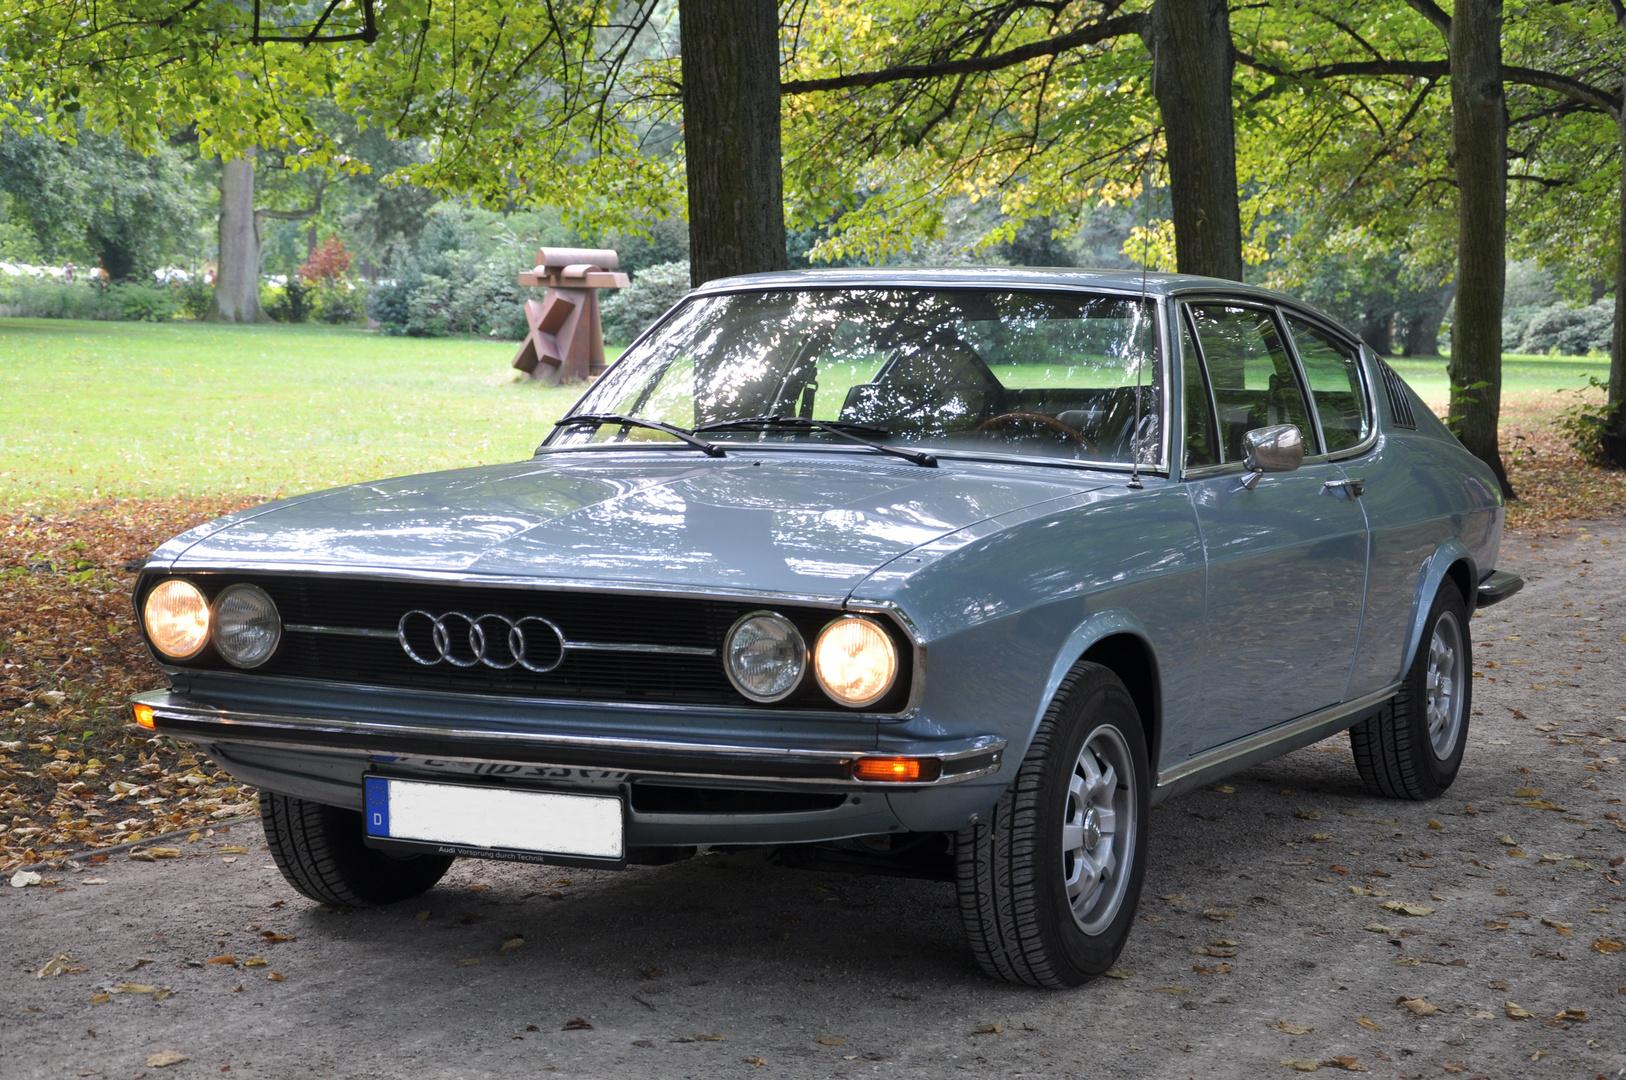 Audi 100 Coupé S - eins der schönsten Modelle der Marke